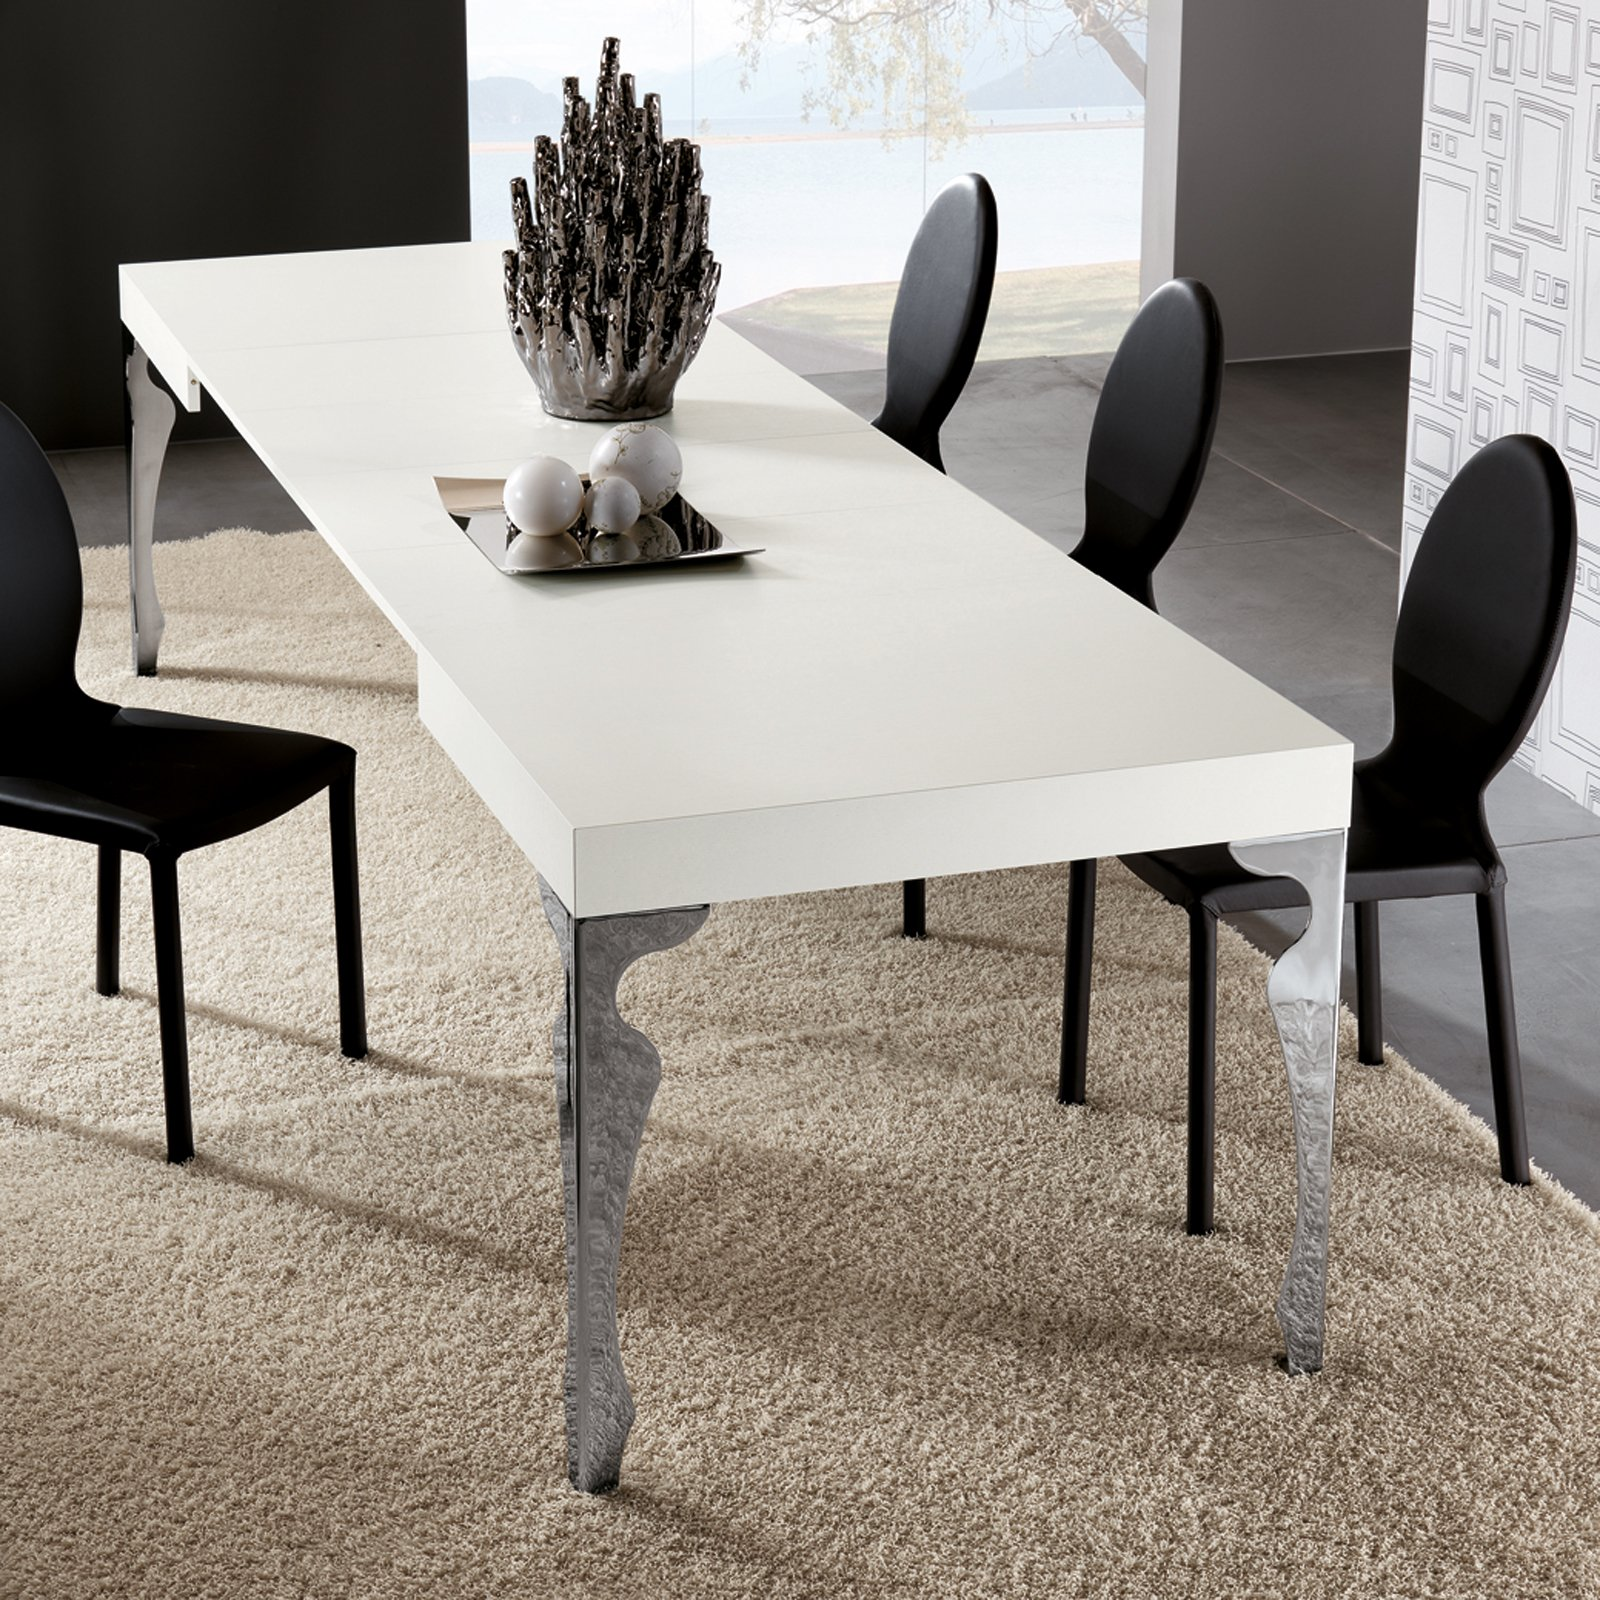 Tavolo Bianco E Sedie Nere.Tavolo Bianco Da Abbinare A Tutto Cose Di Casa